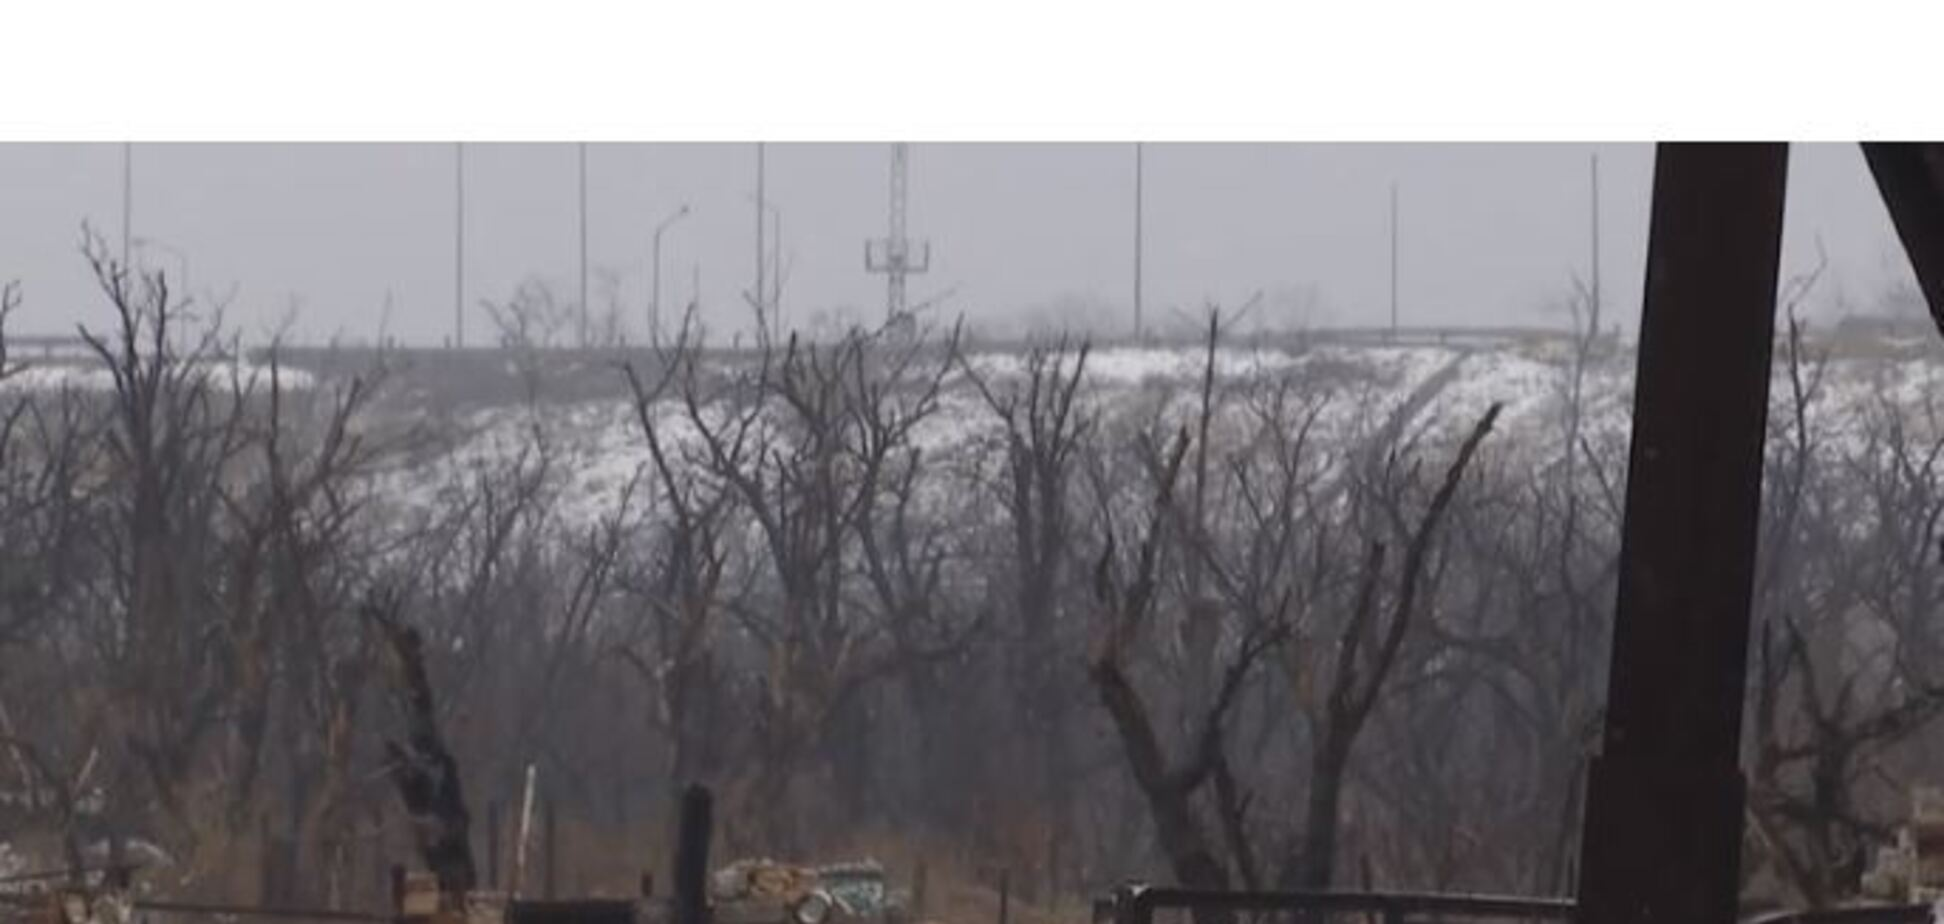 Путін завів на Донбас іноземний легіон: воїни ЗСУ повідомили тривожні звістки